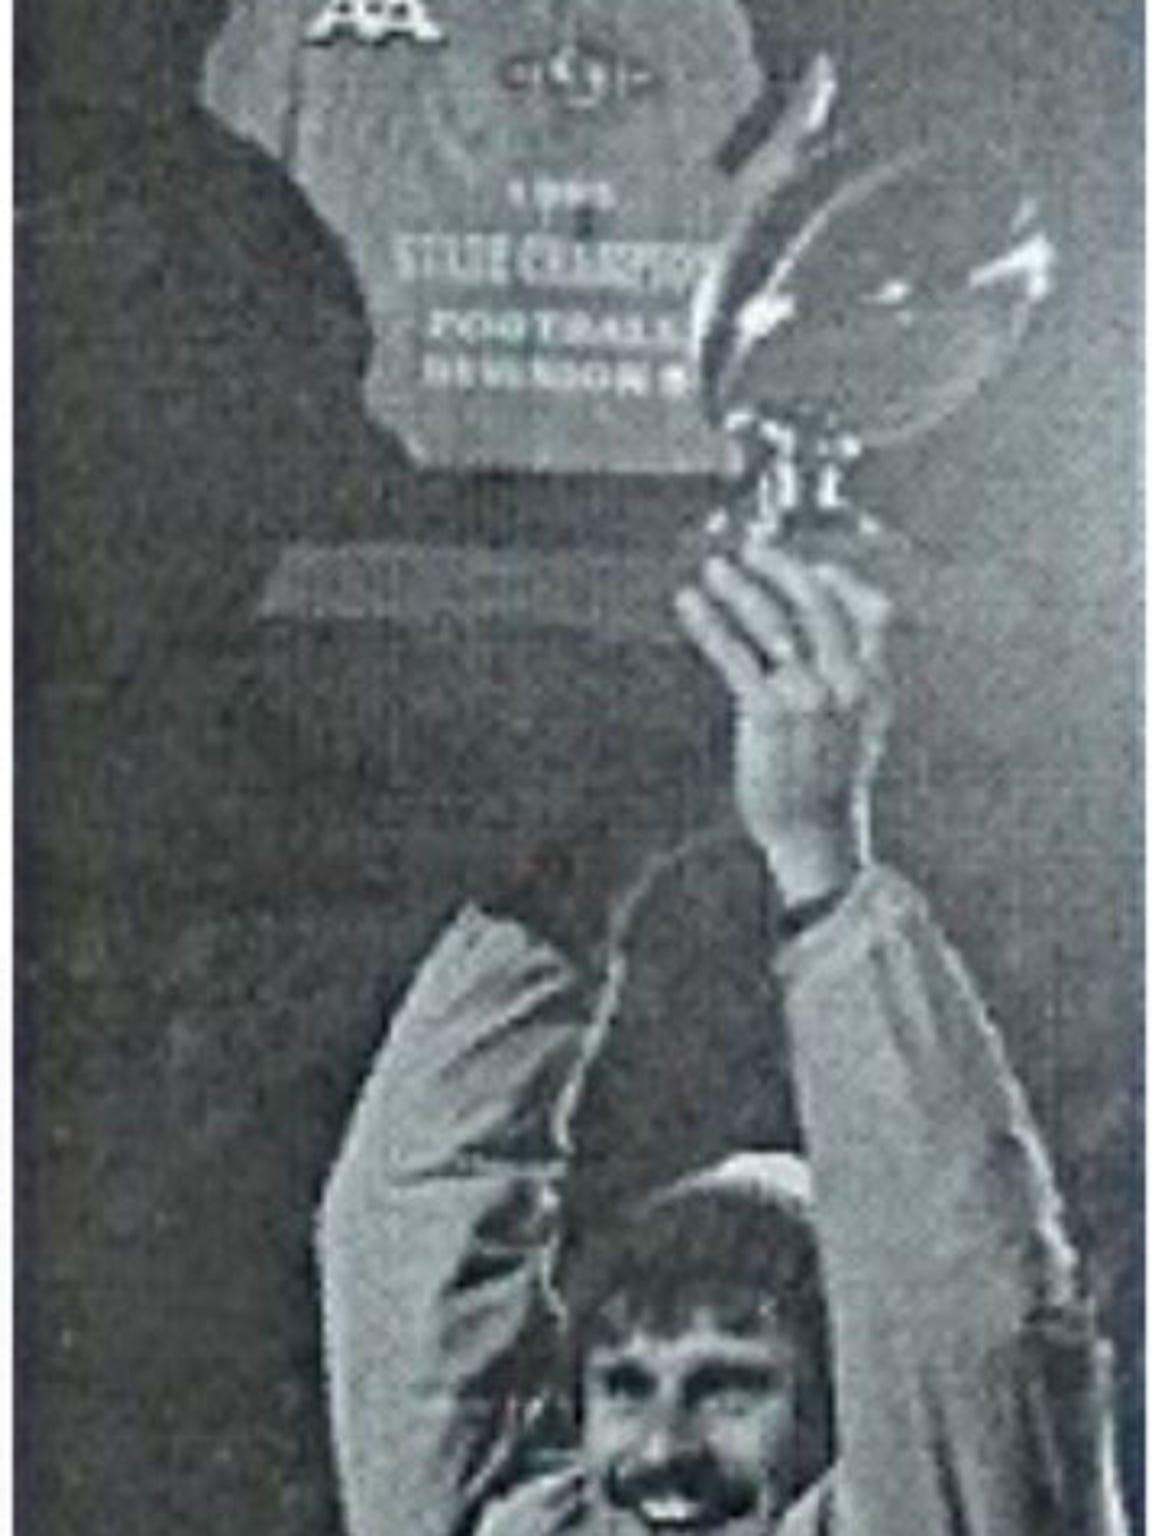 New Berlin Eisenhower coach Jeff Setz hoists the 1995